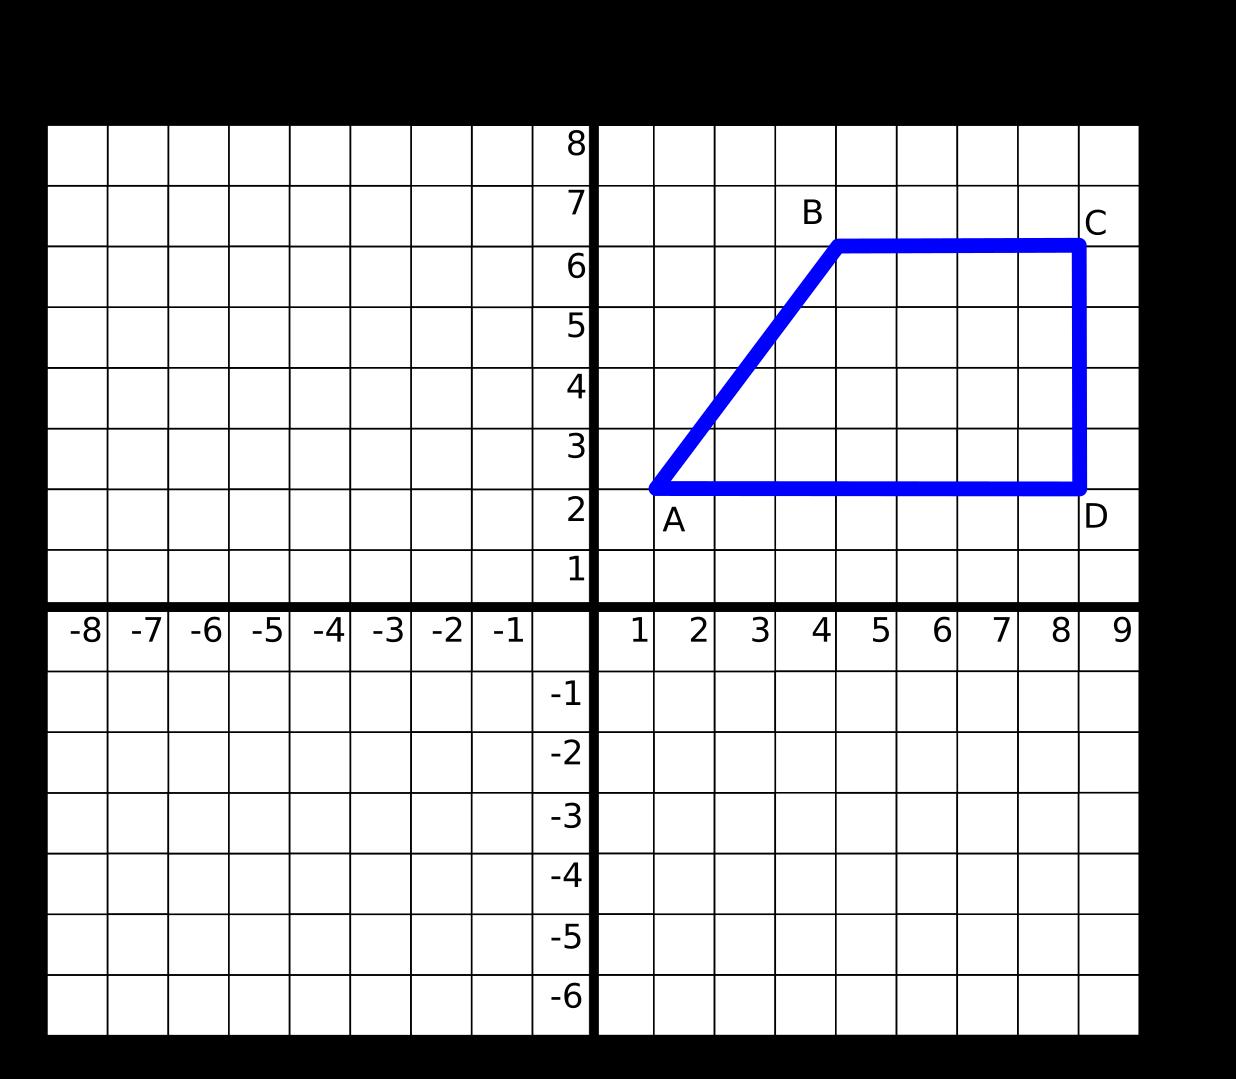 Soal Uts Matematika Kelas 6 Sd Semester 2 Genap Dan Kunci